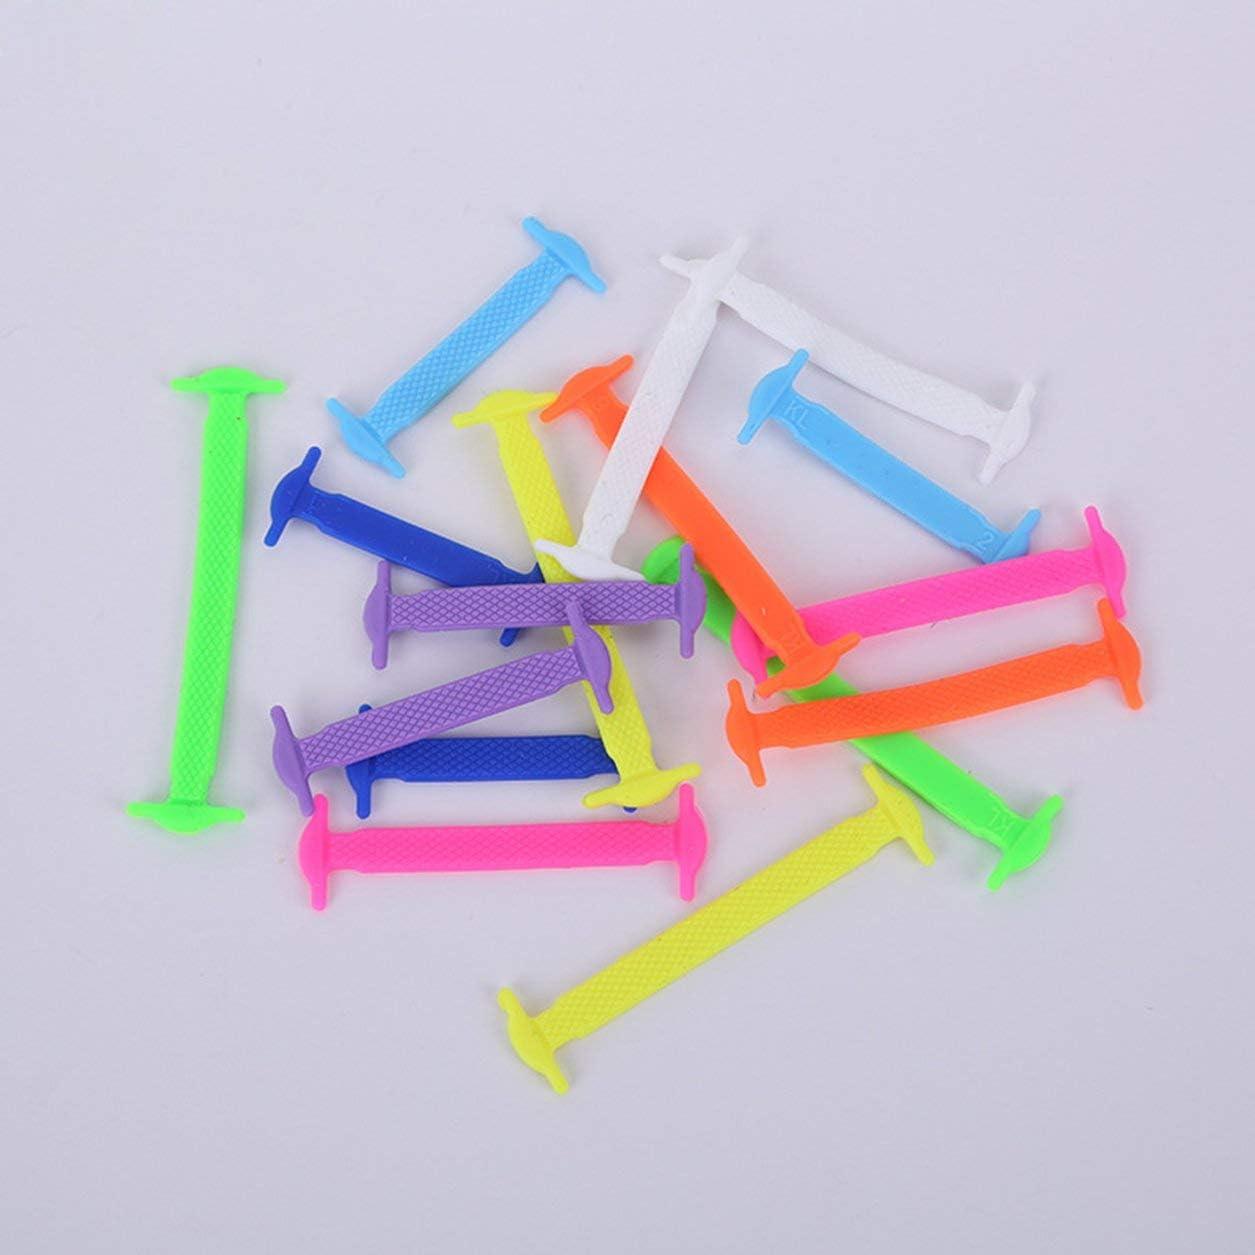 Blanc Kongqiabona-UK Couleur cr/éative Silicone Chaussure Lacet Sangle sans Lavage Lacet Paresseux /élastique Lacet d/écontract/é Silicone Chaussure Lacet